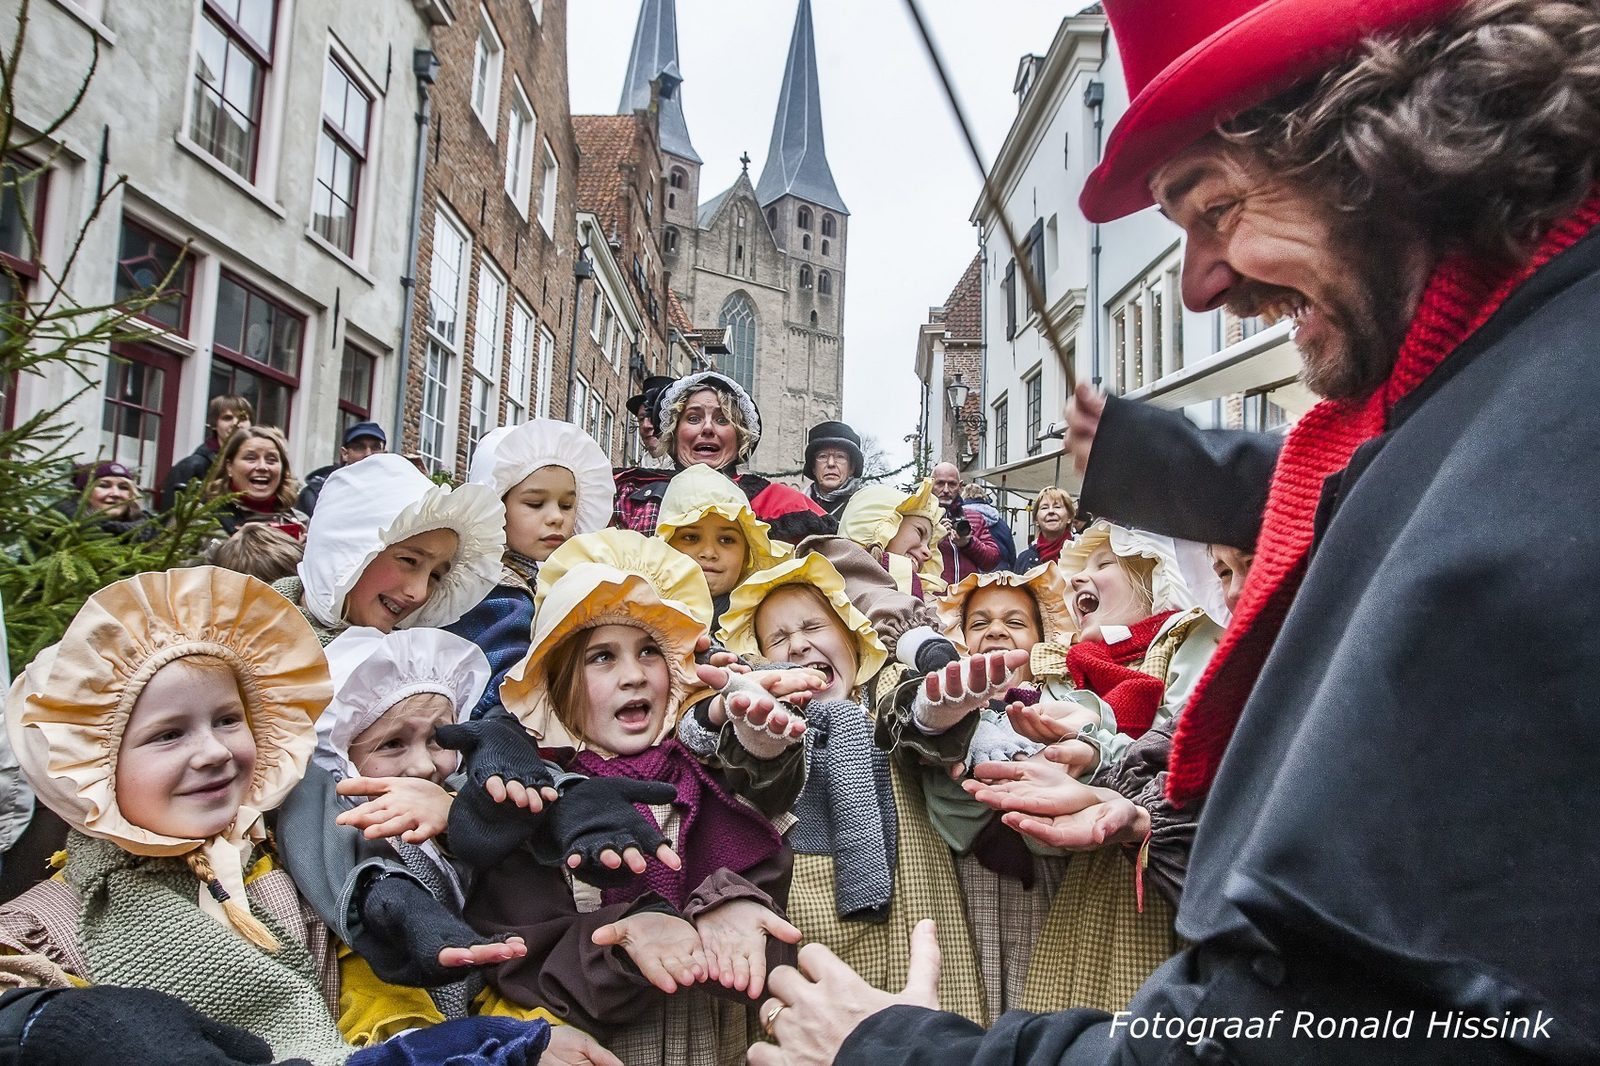 Dickensfestijn in Deventer, jaarlijkse traditie met de kerstmarkt